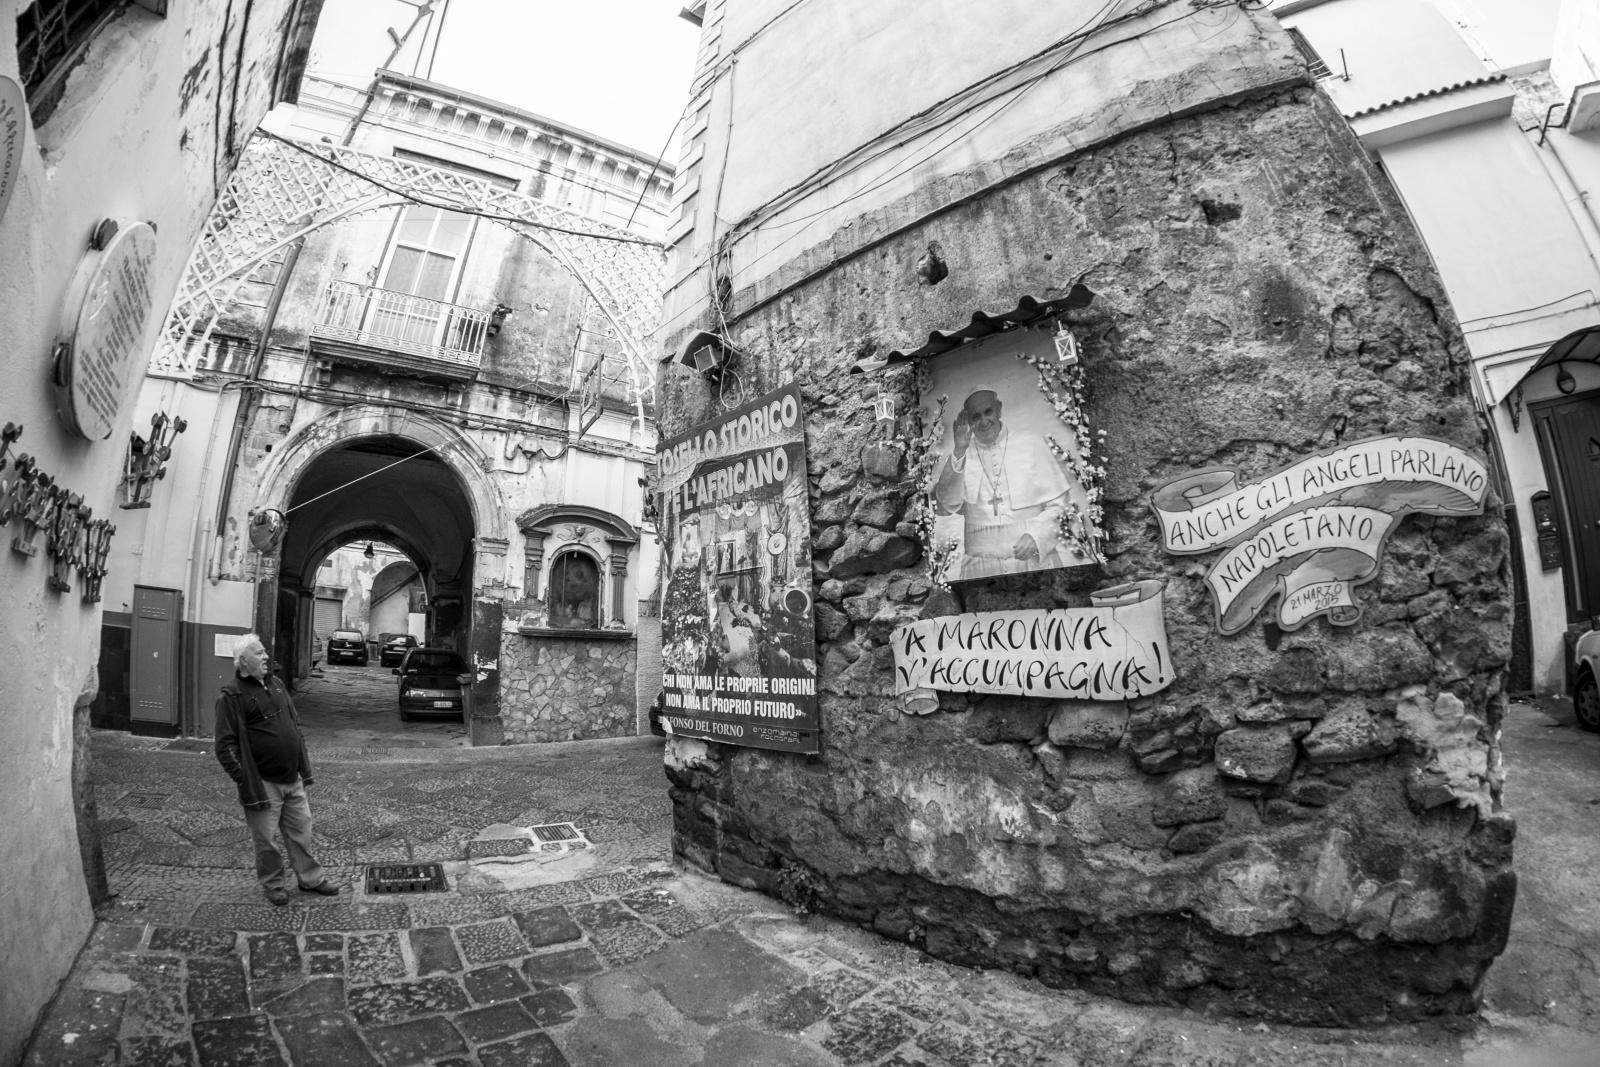 A Maronn v'accumpagn - L' icone di Papa Francesco orna l'ingresso a tosello storico de l' Africano, il soprannome con cui era noto il cantore Franco Tiano